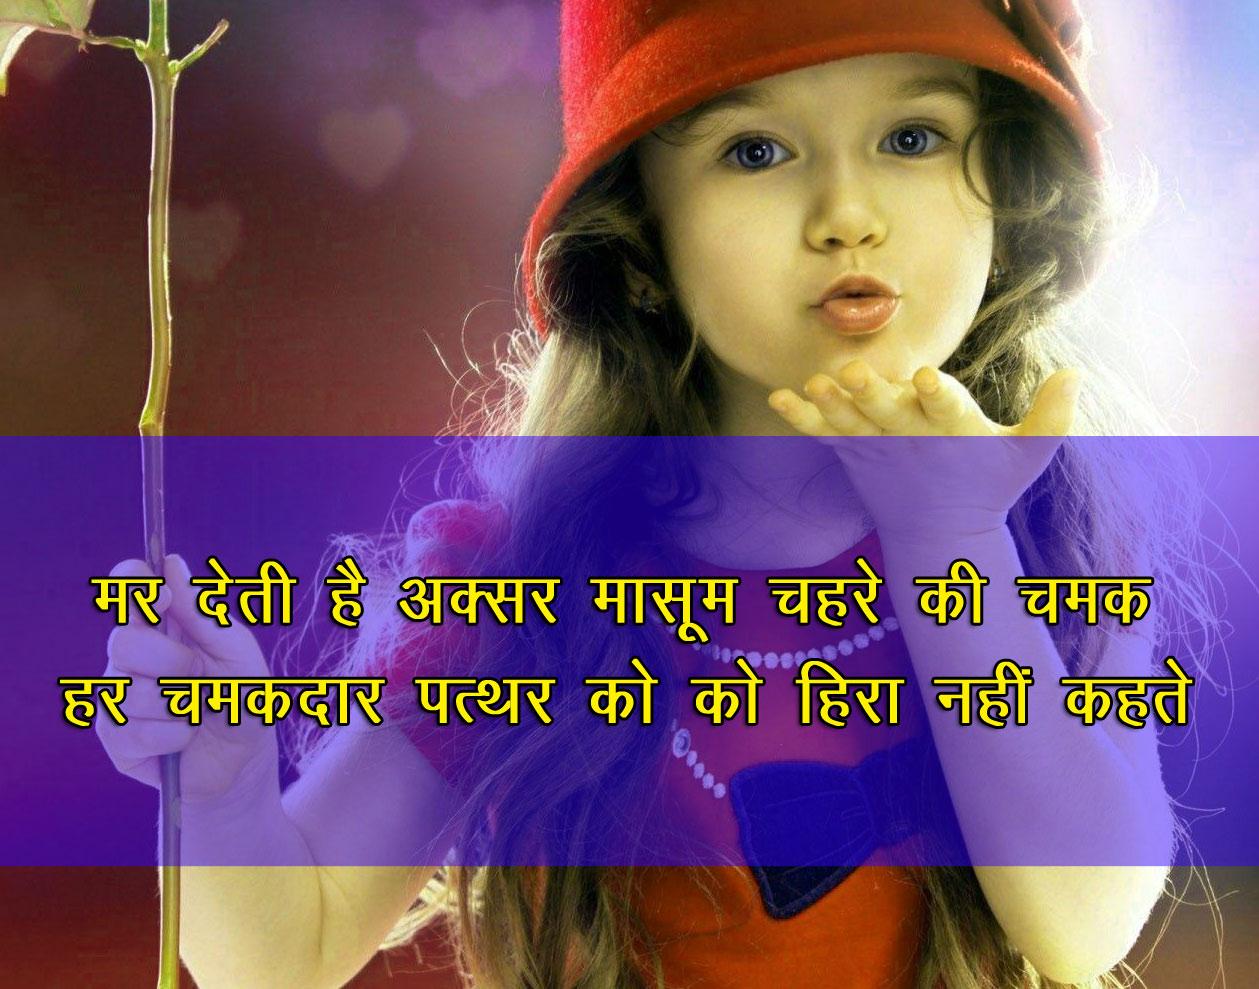 Kids Shayari Images In Hindi